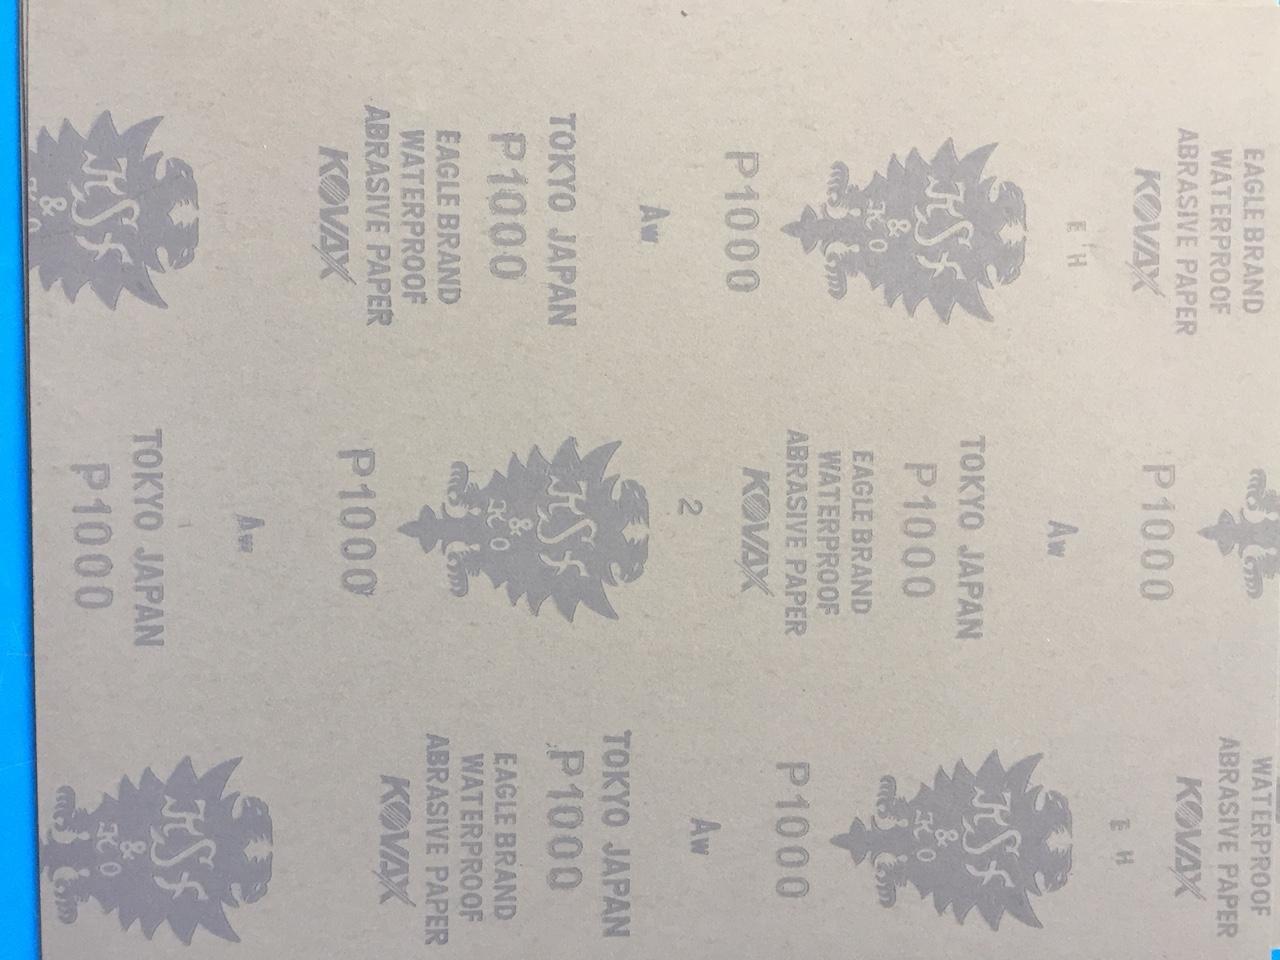 Giấy giáp nhật P1000, giấy giáp nước, Bộ 10 tờ giấy giáp nhật cao cấp